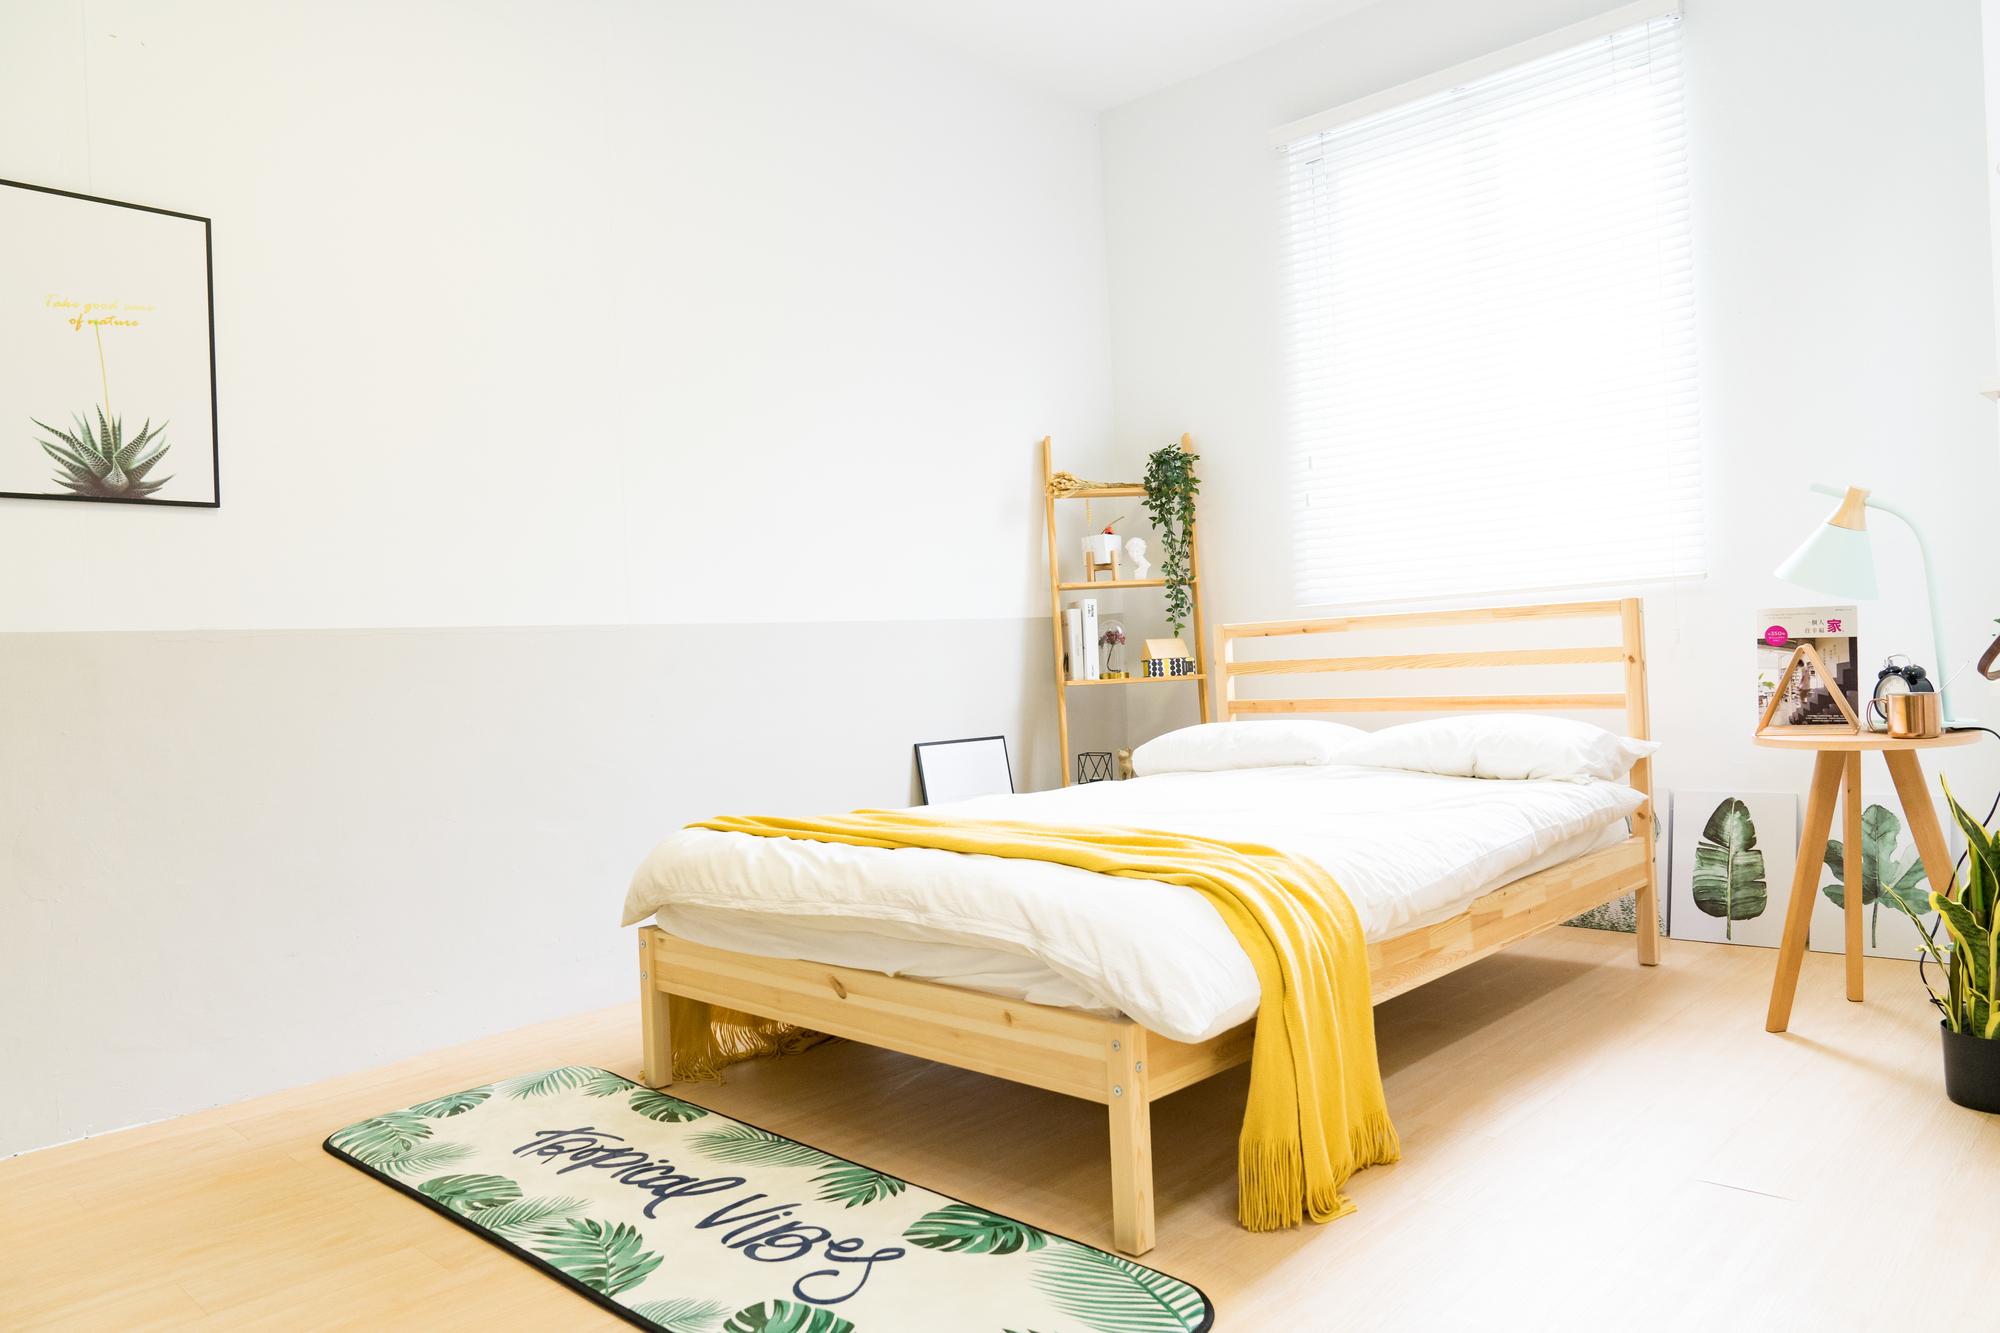 一人暮らしの部屋にあるベッドの写真